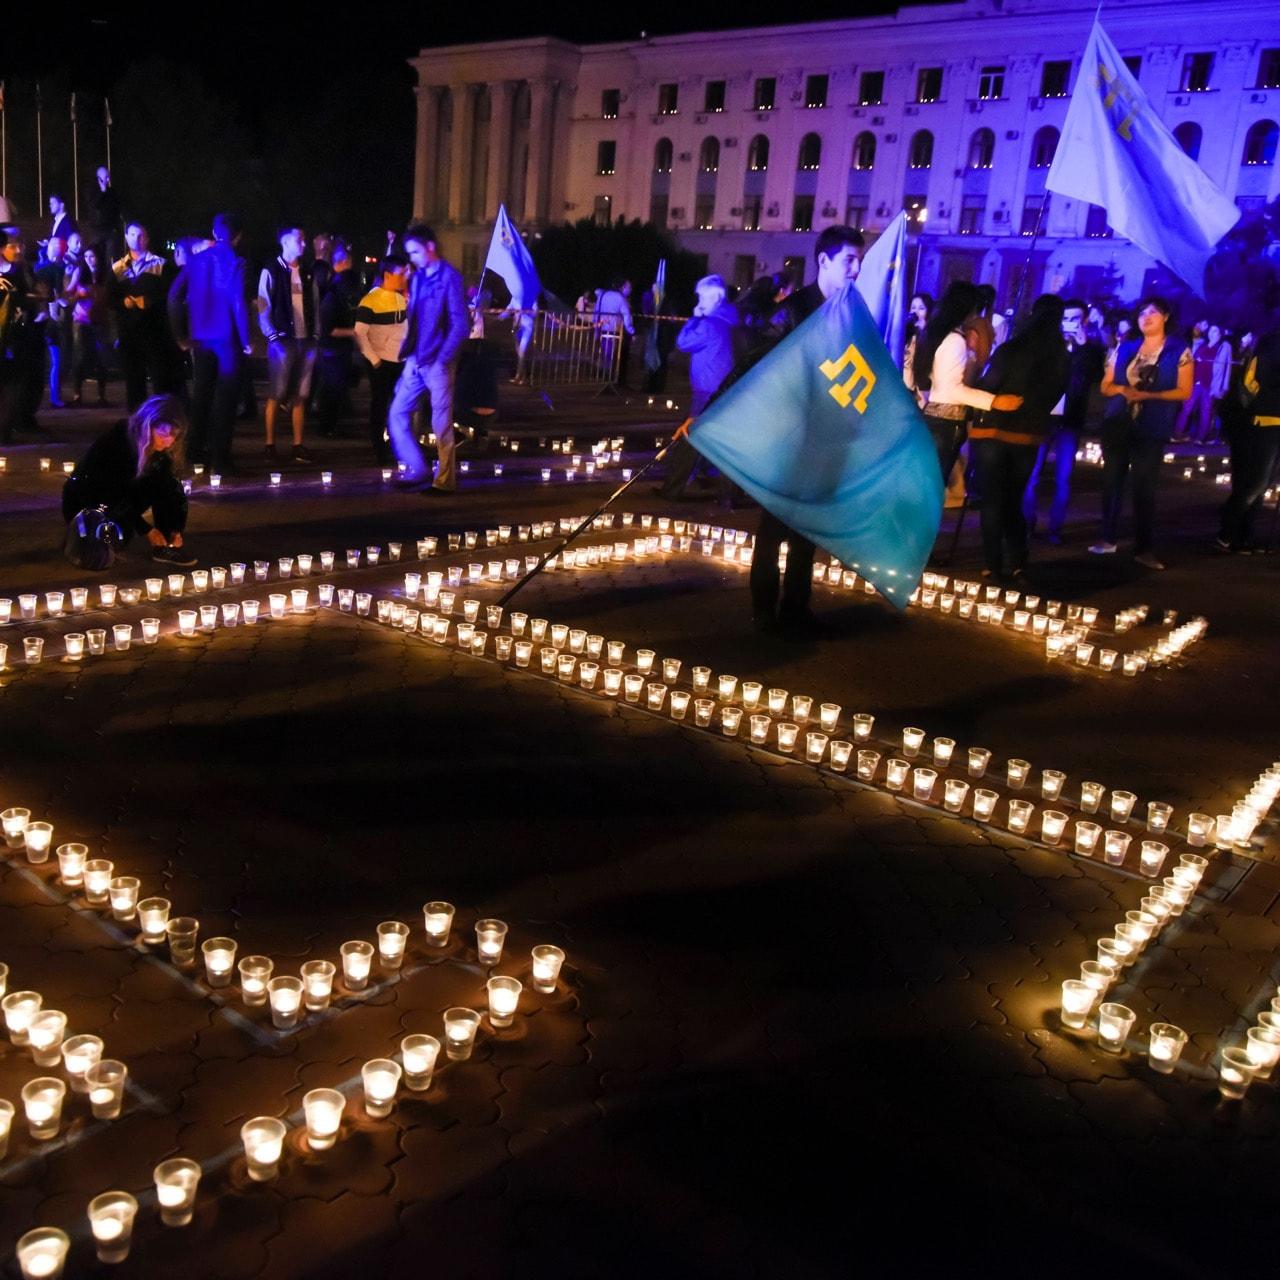 Des jeunes Tatars allument des bougies sous la forme du symbole des peuples Tatars de Crimée lors d'un rassemblement à Simferopol, le 17 mai 2015, Photo AP / Alexander Polegenko